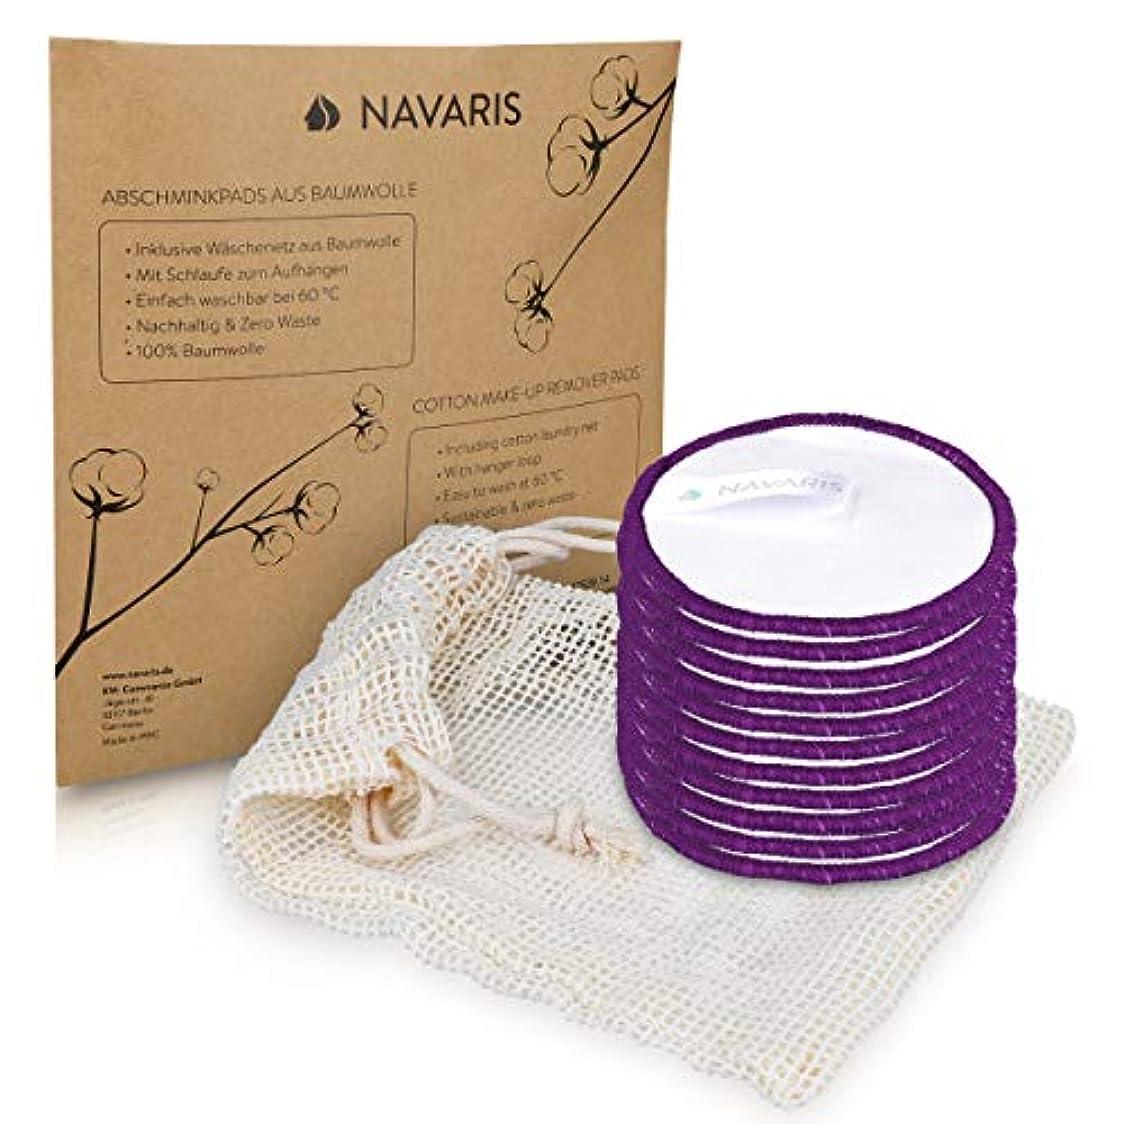 脱臼する今後不承認Navaris メイク落とし パッド 14枚セット 再利用可 - コットン パッド 化粧落とし 拭き取り化粧水 肌に優しい - フェイシャルシート 洗濯ネット付き